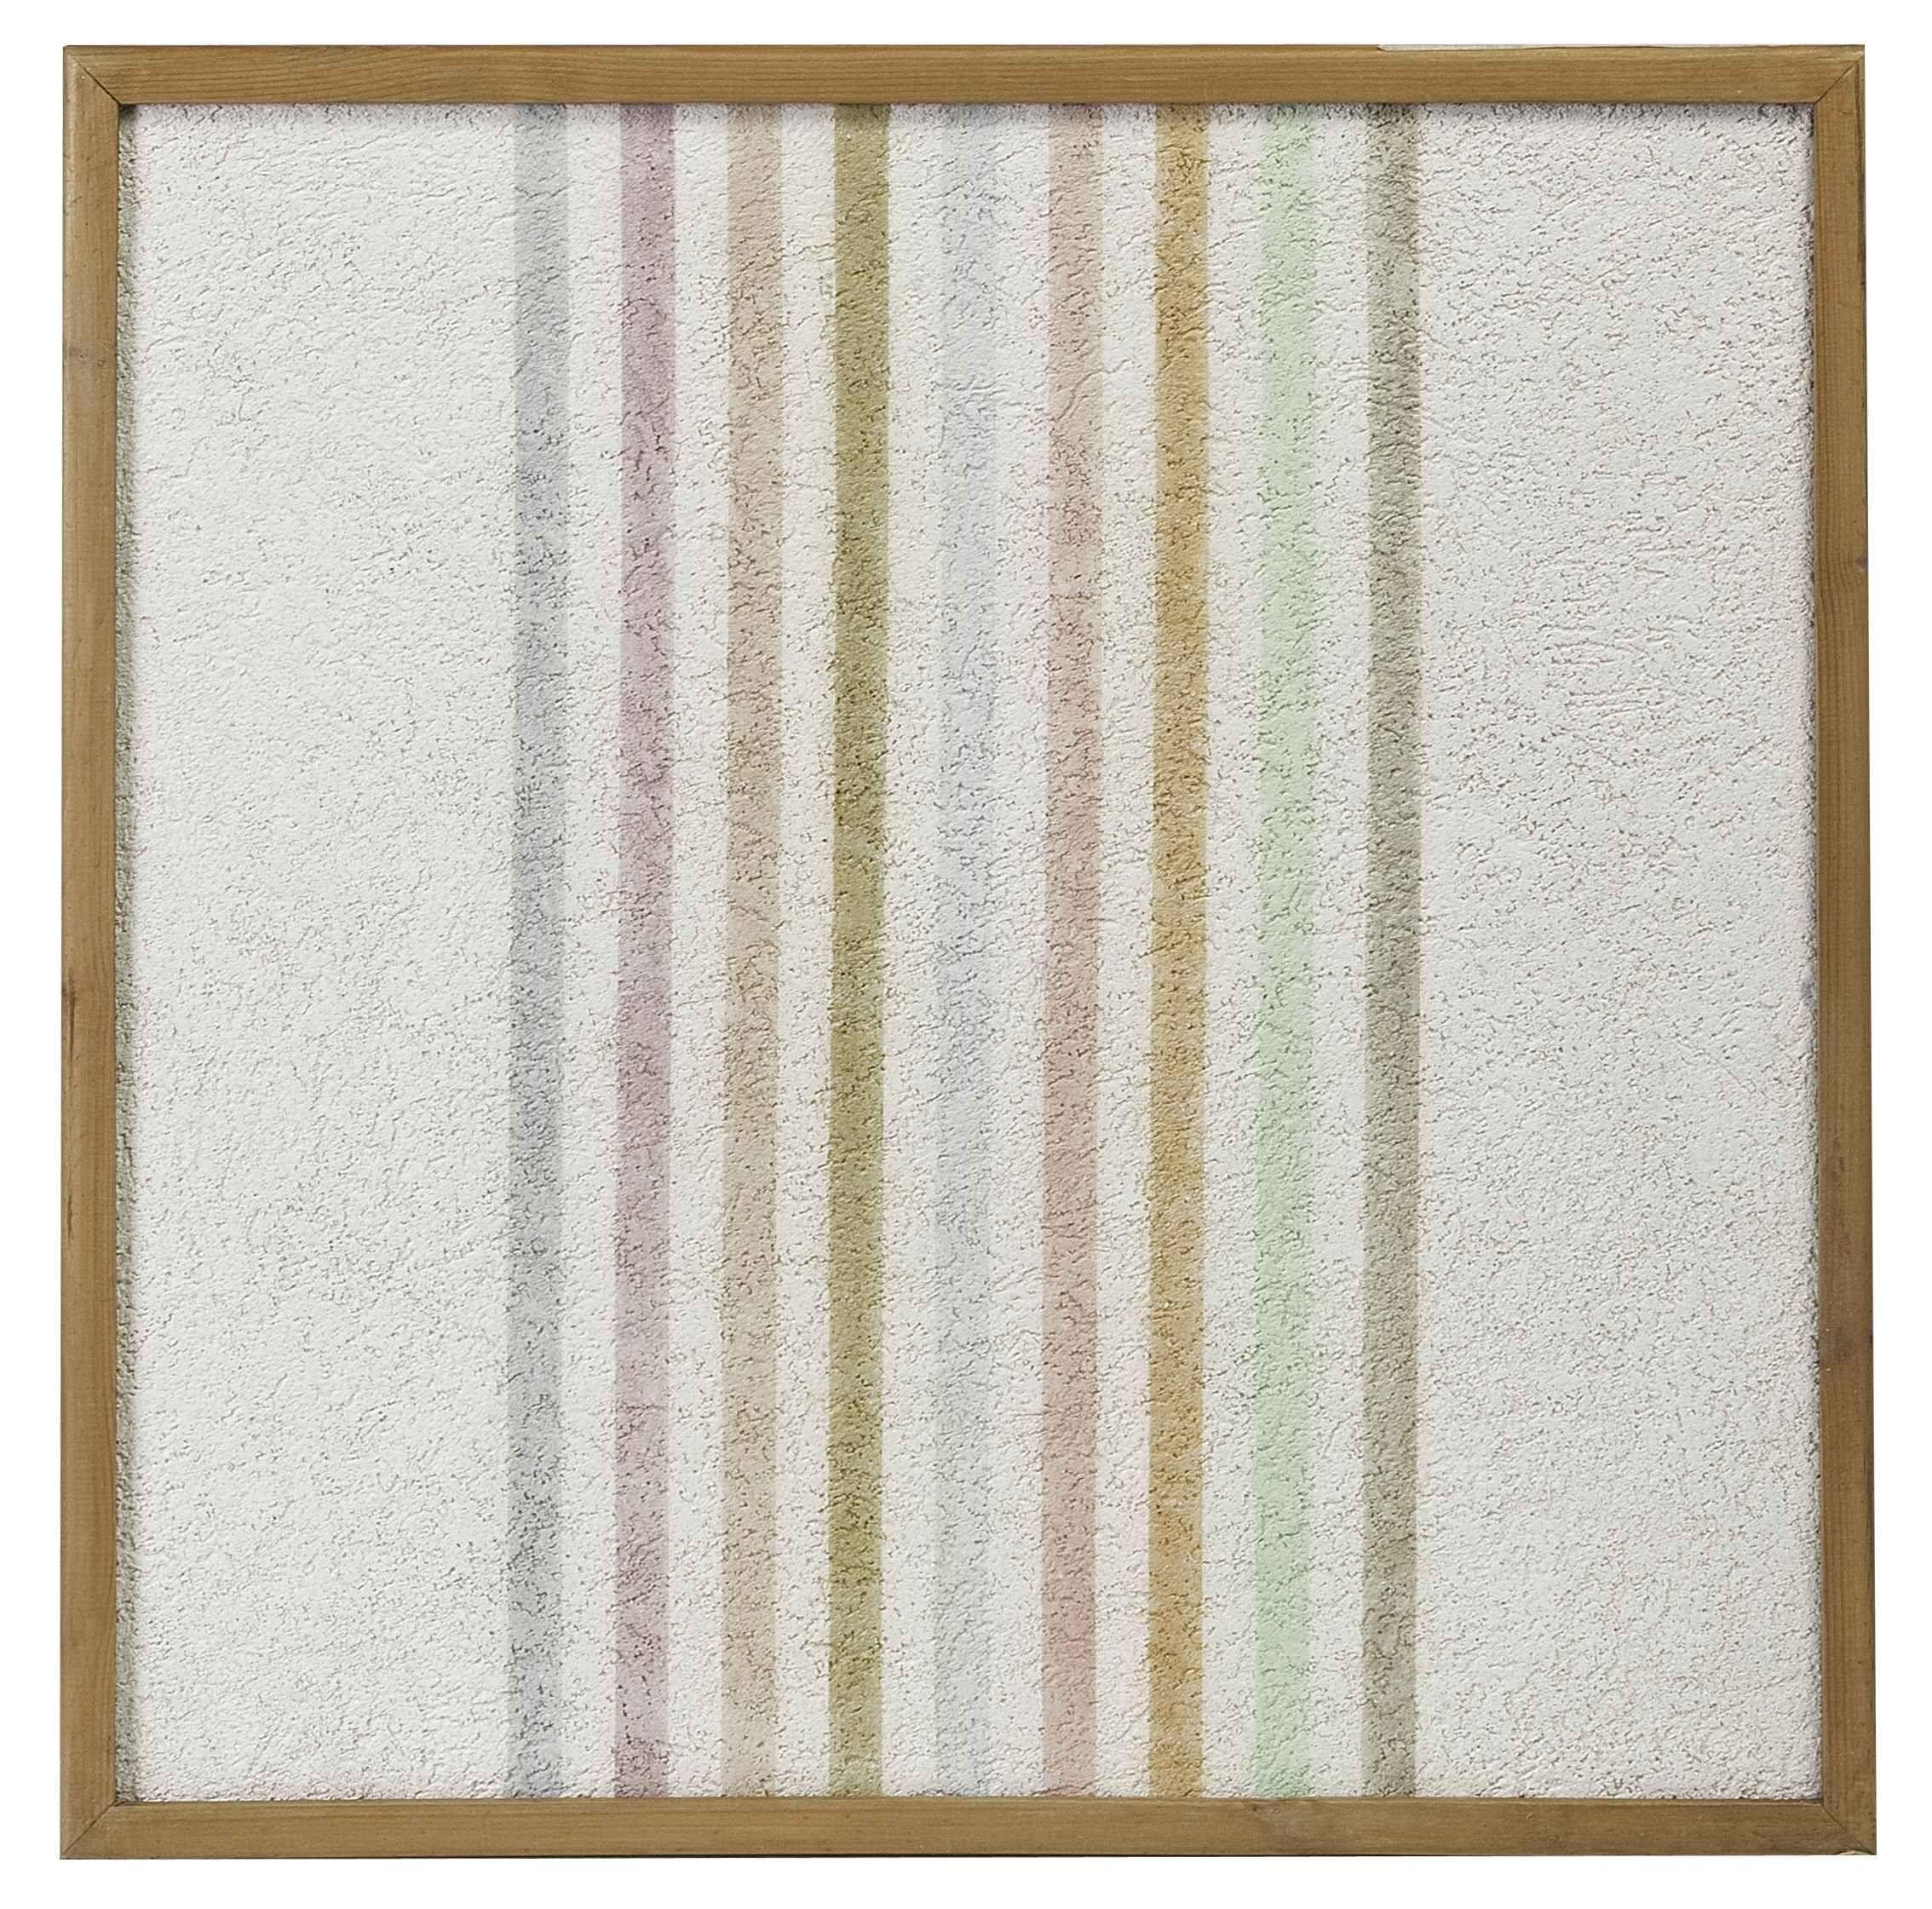 Elio Marchegiani, Grammature di colore - supporto intonaco n.54, 1974